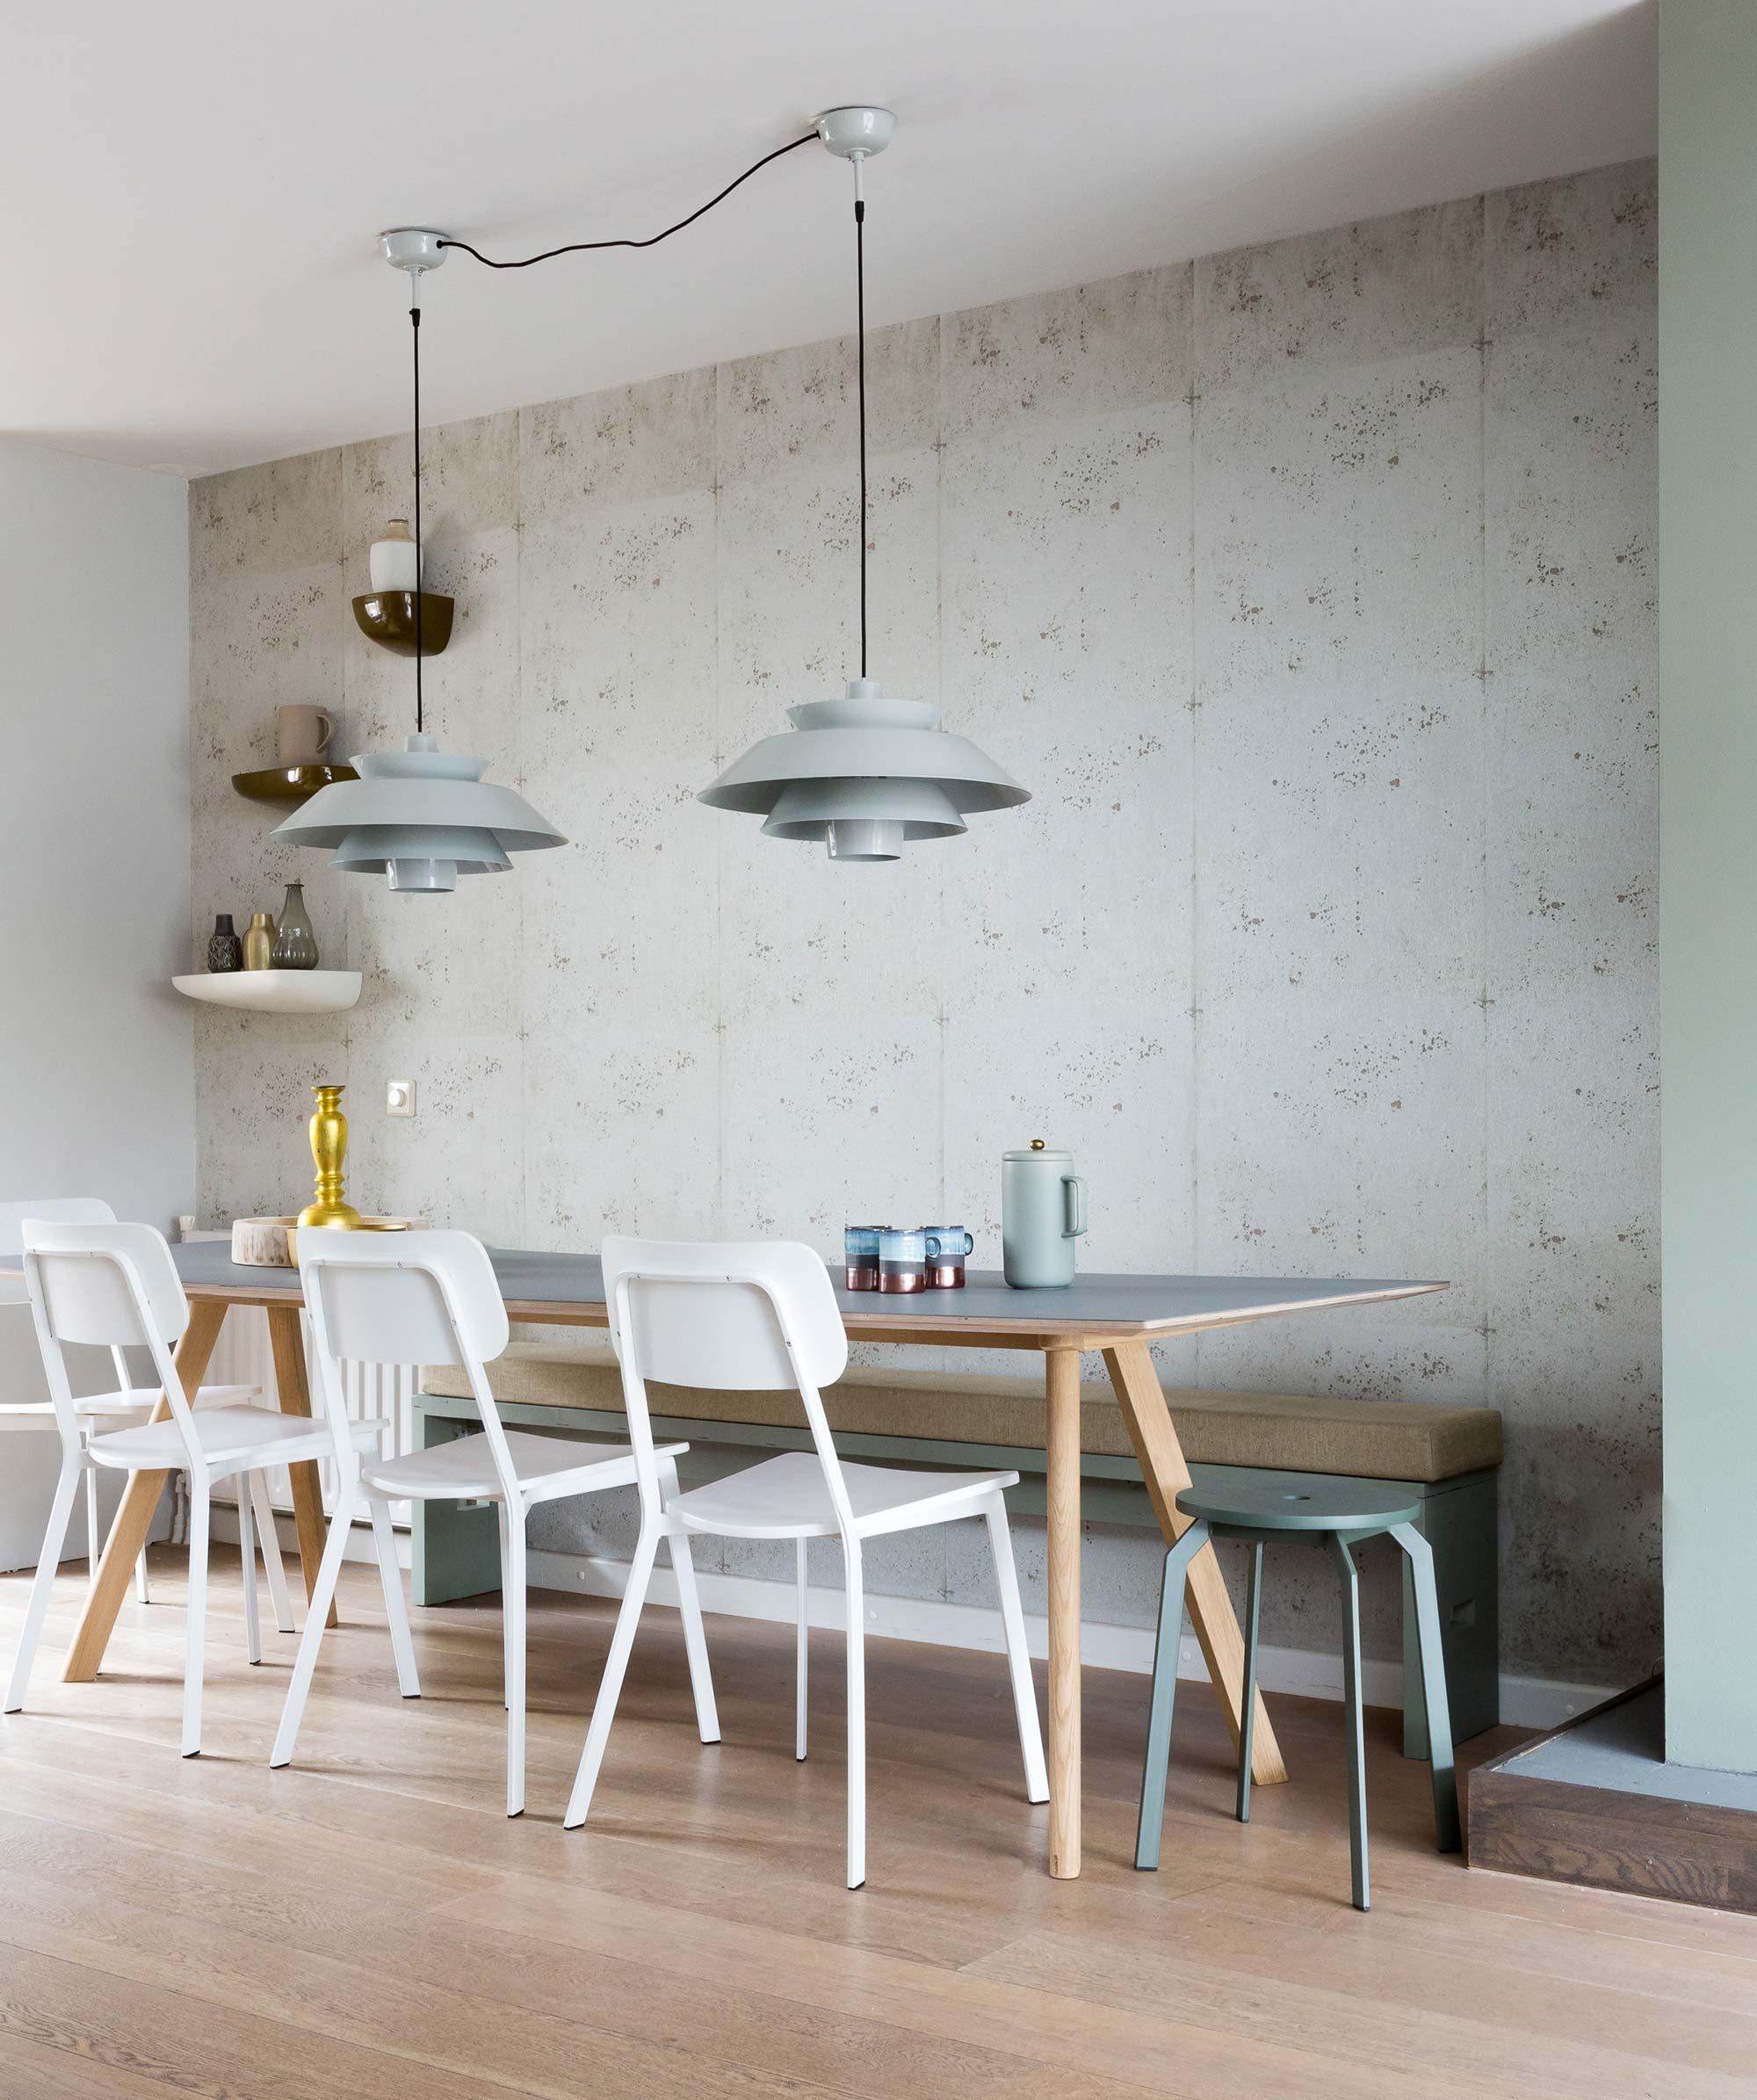 beton behang